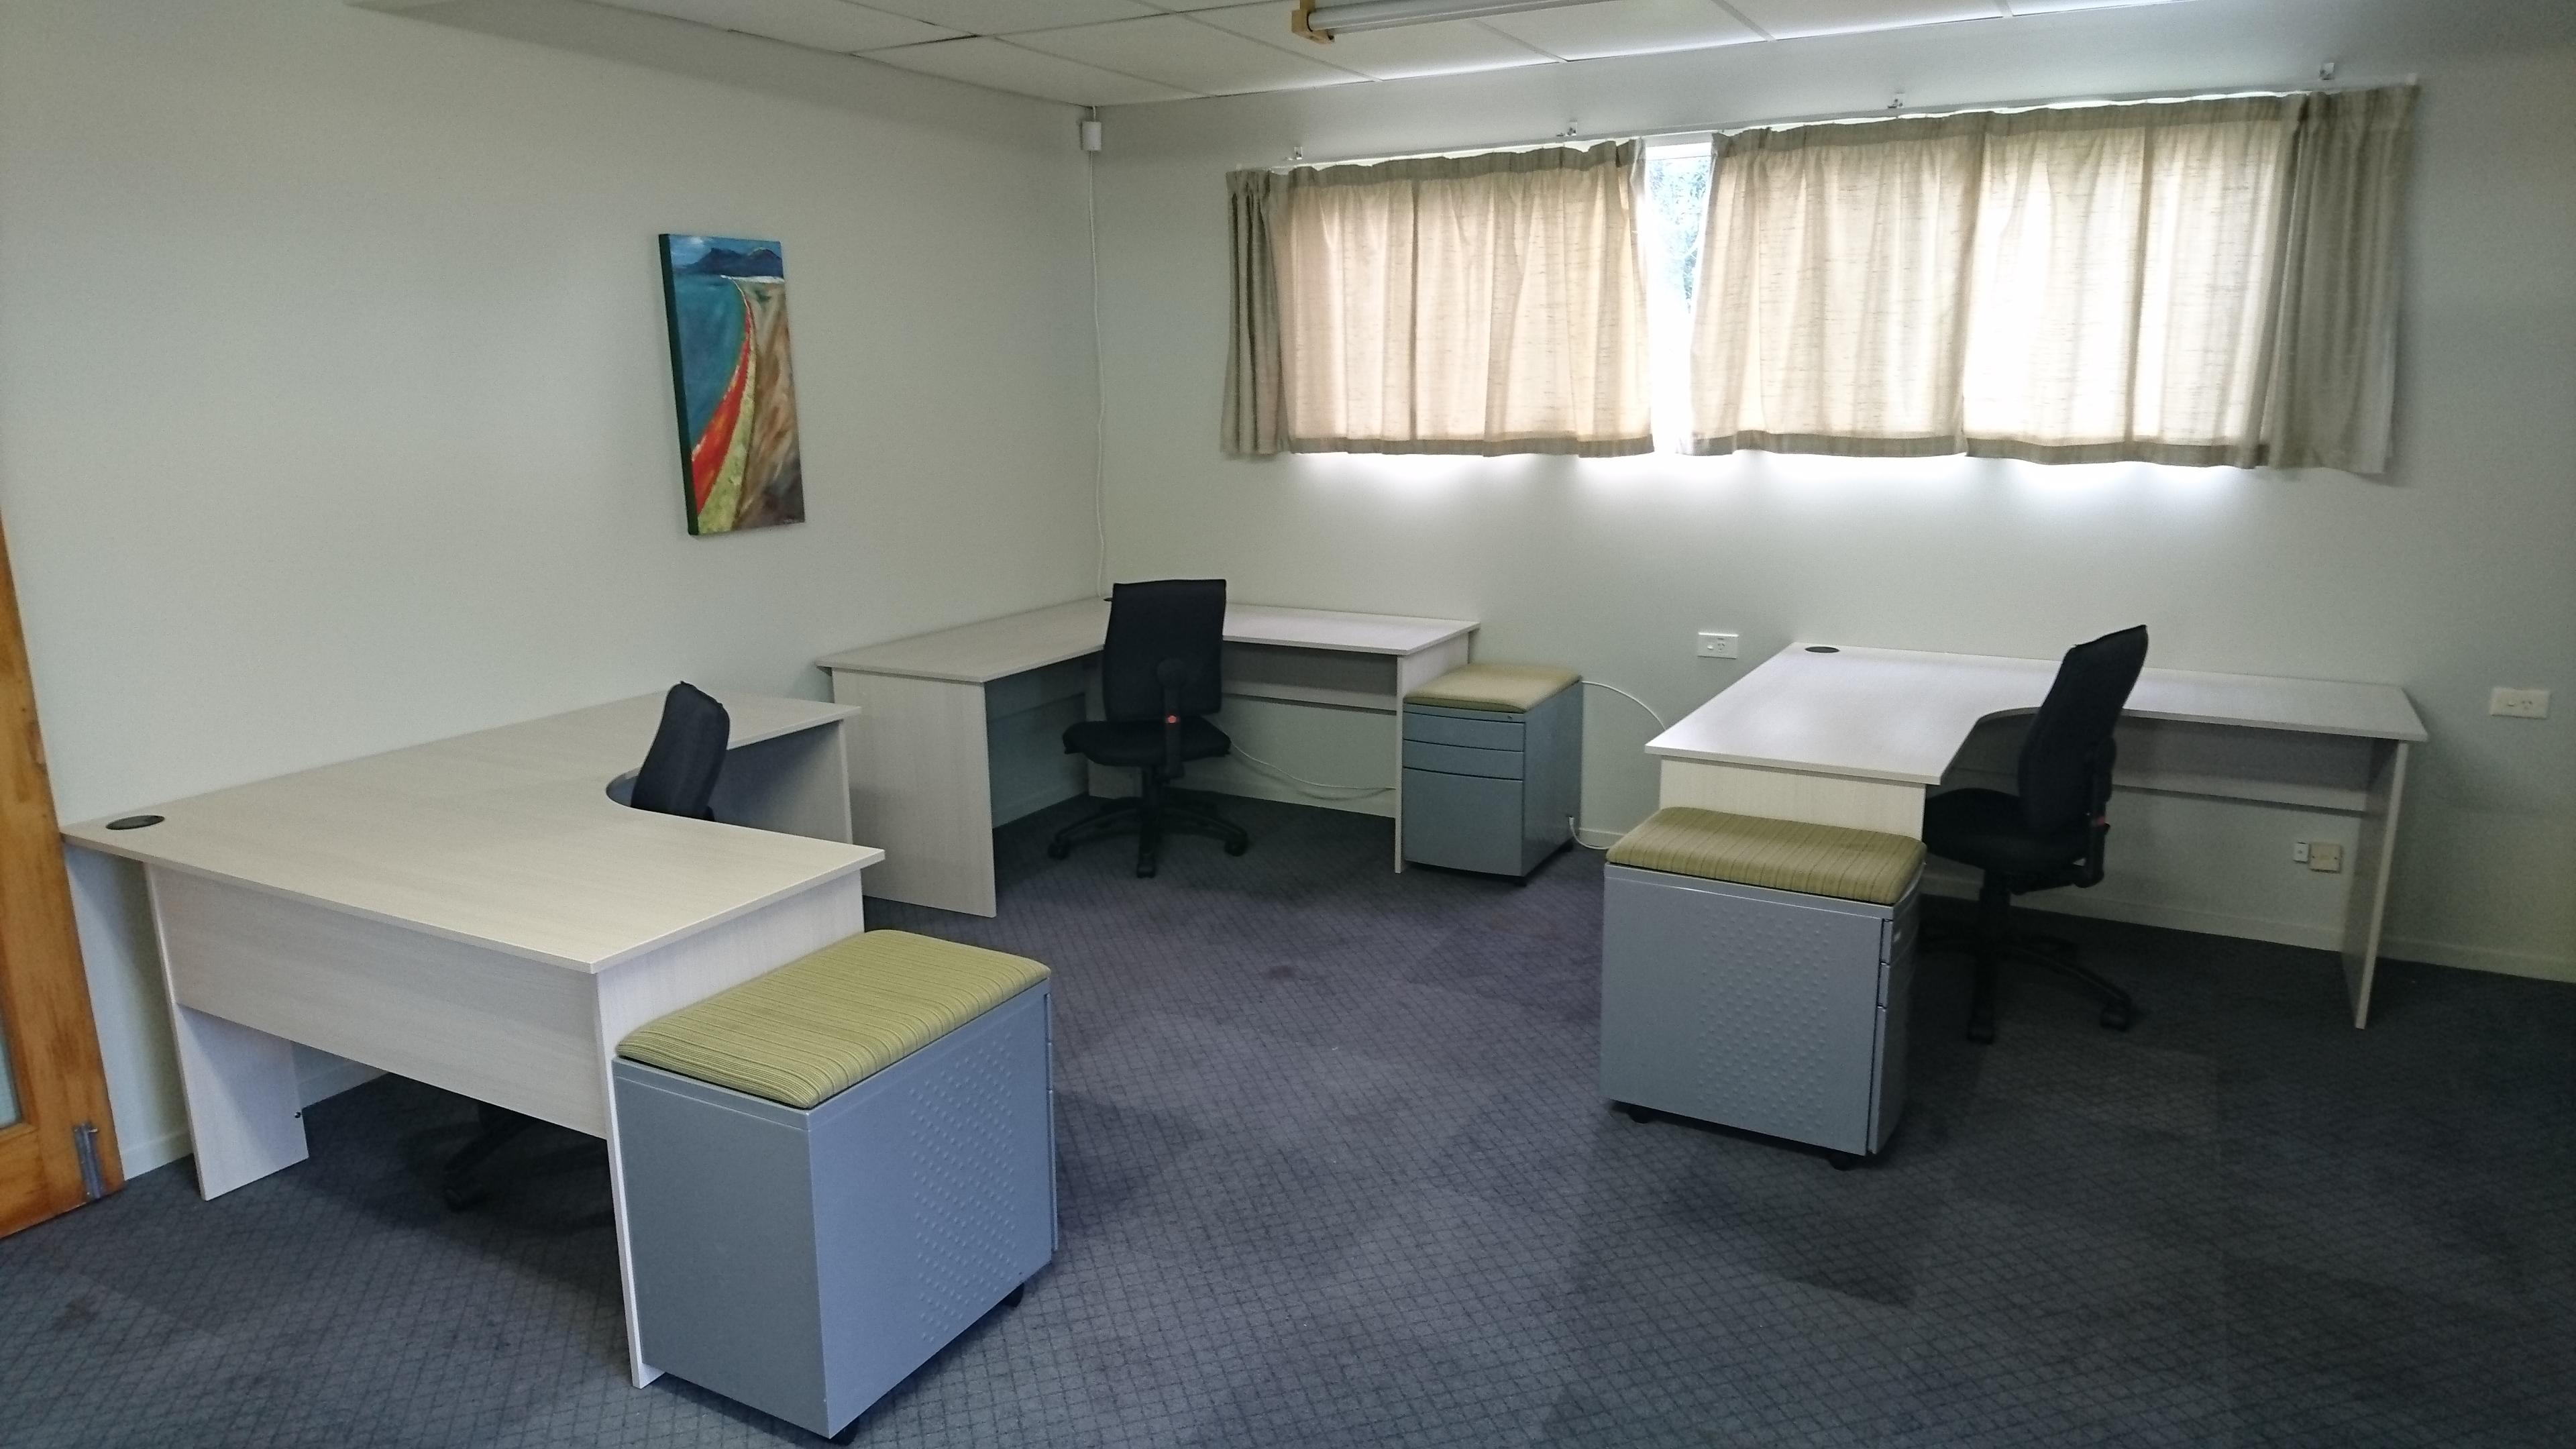 Smaller office room